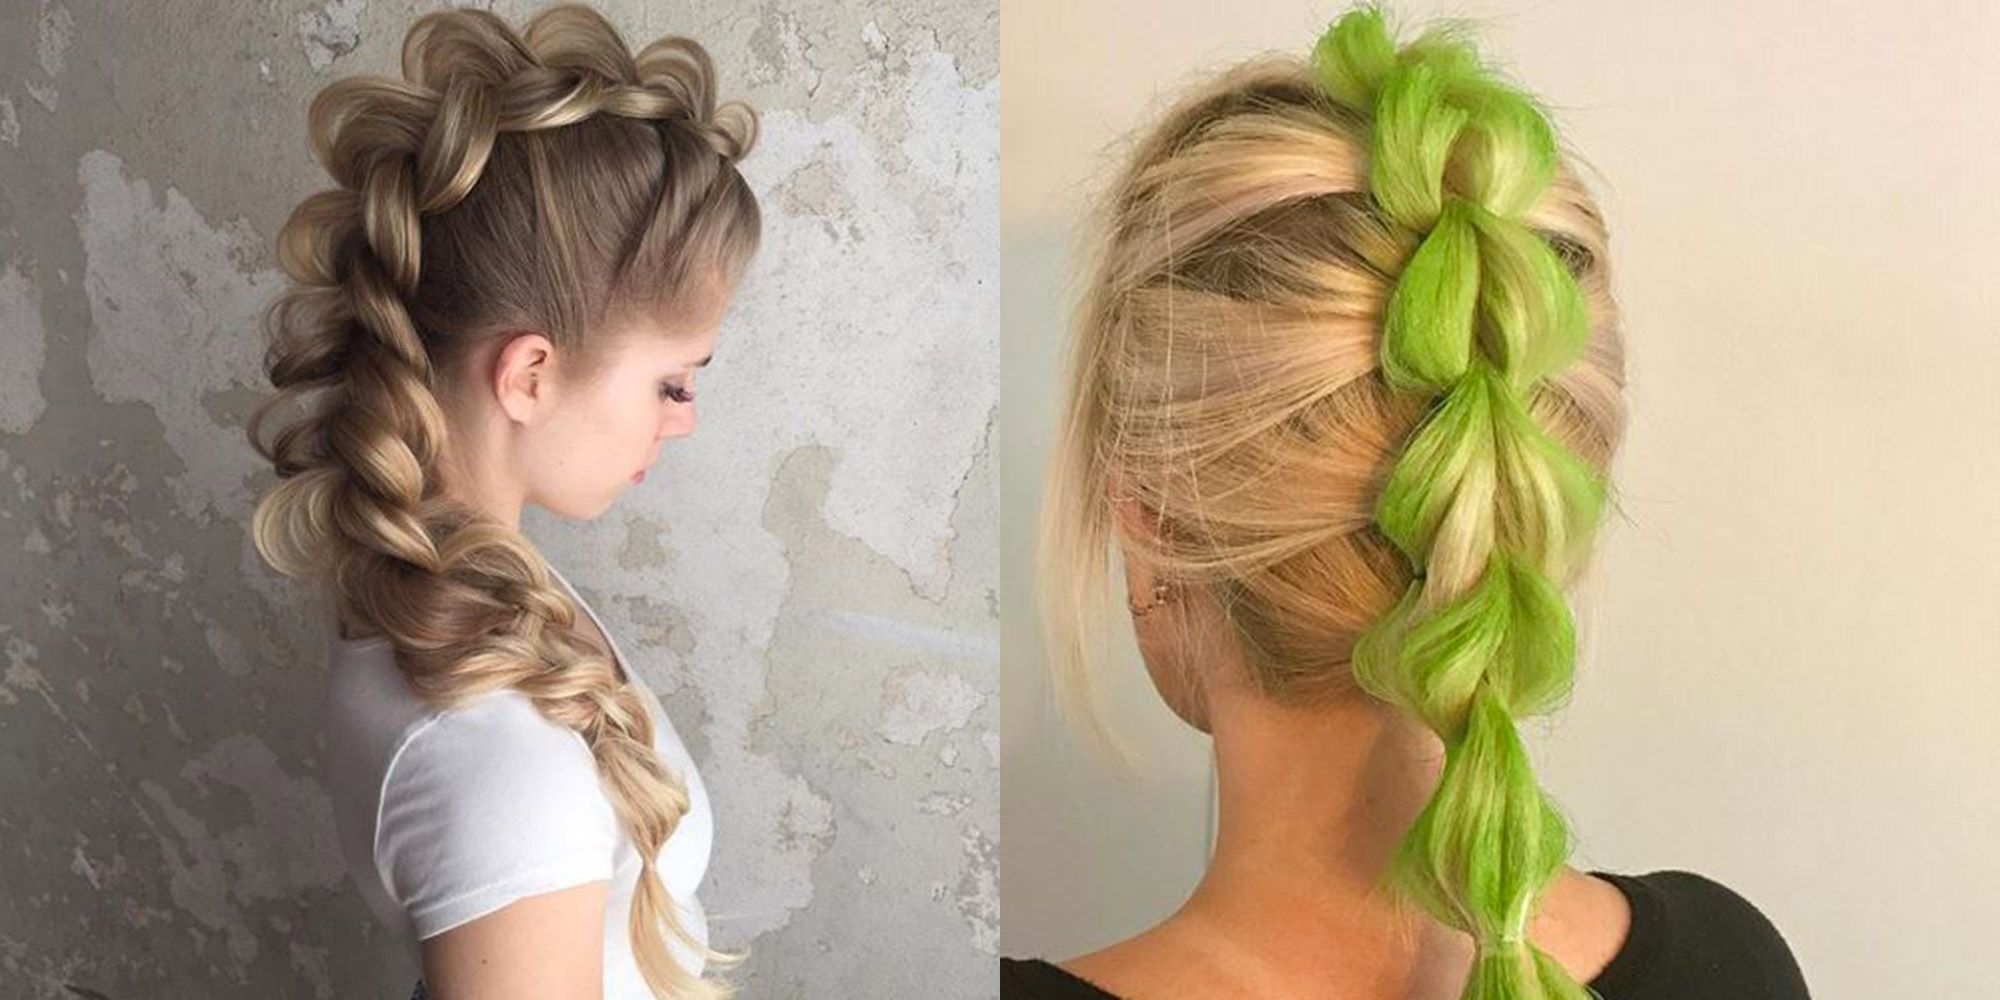 Acconciature trecce capelli lunghi foto